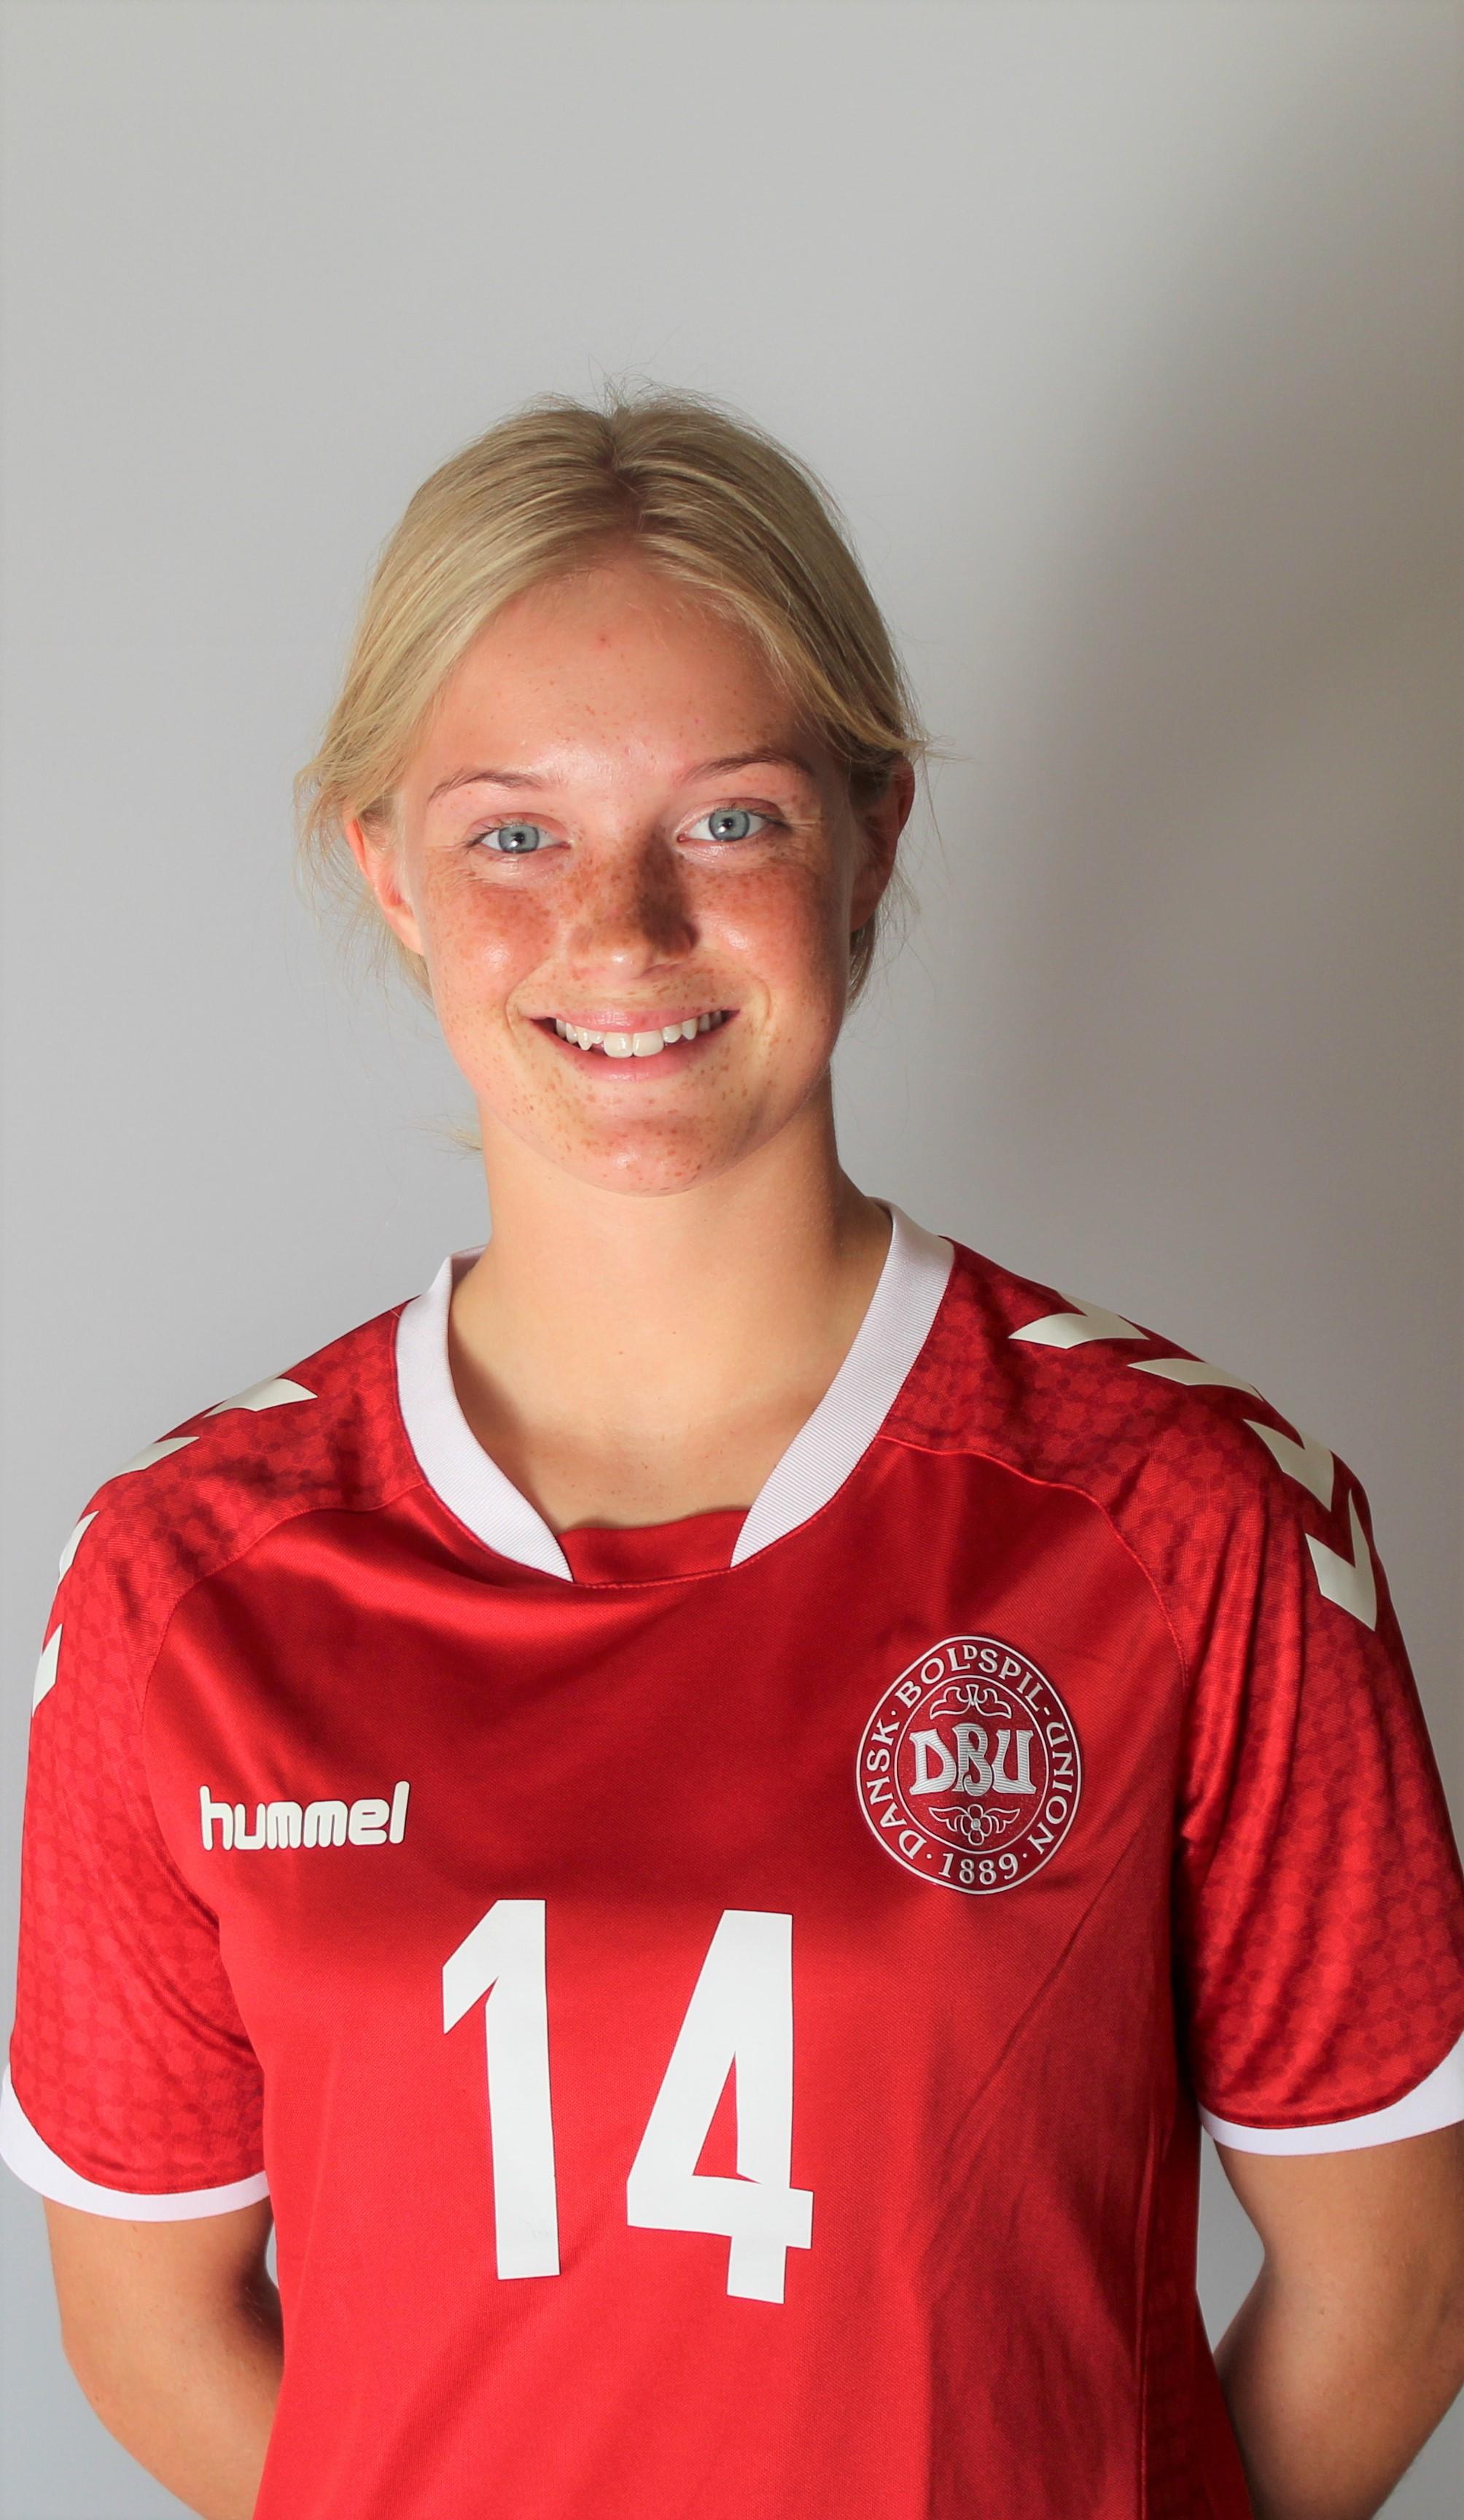 Vibeke Hedegaard Andersen